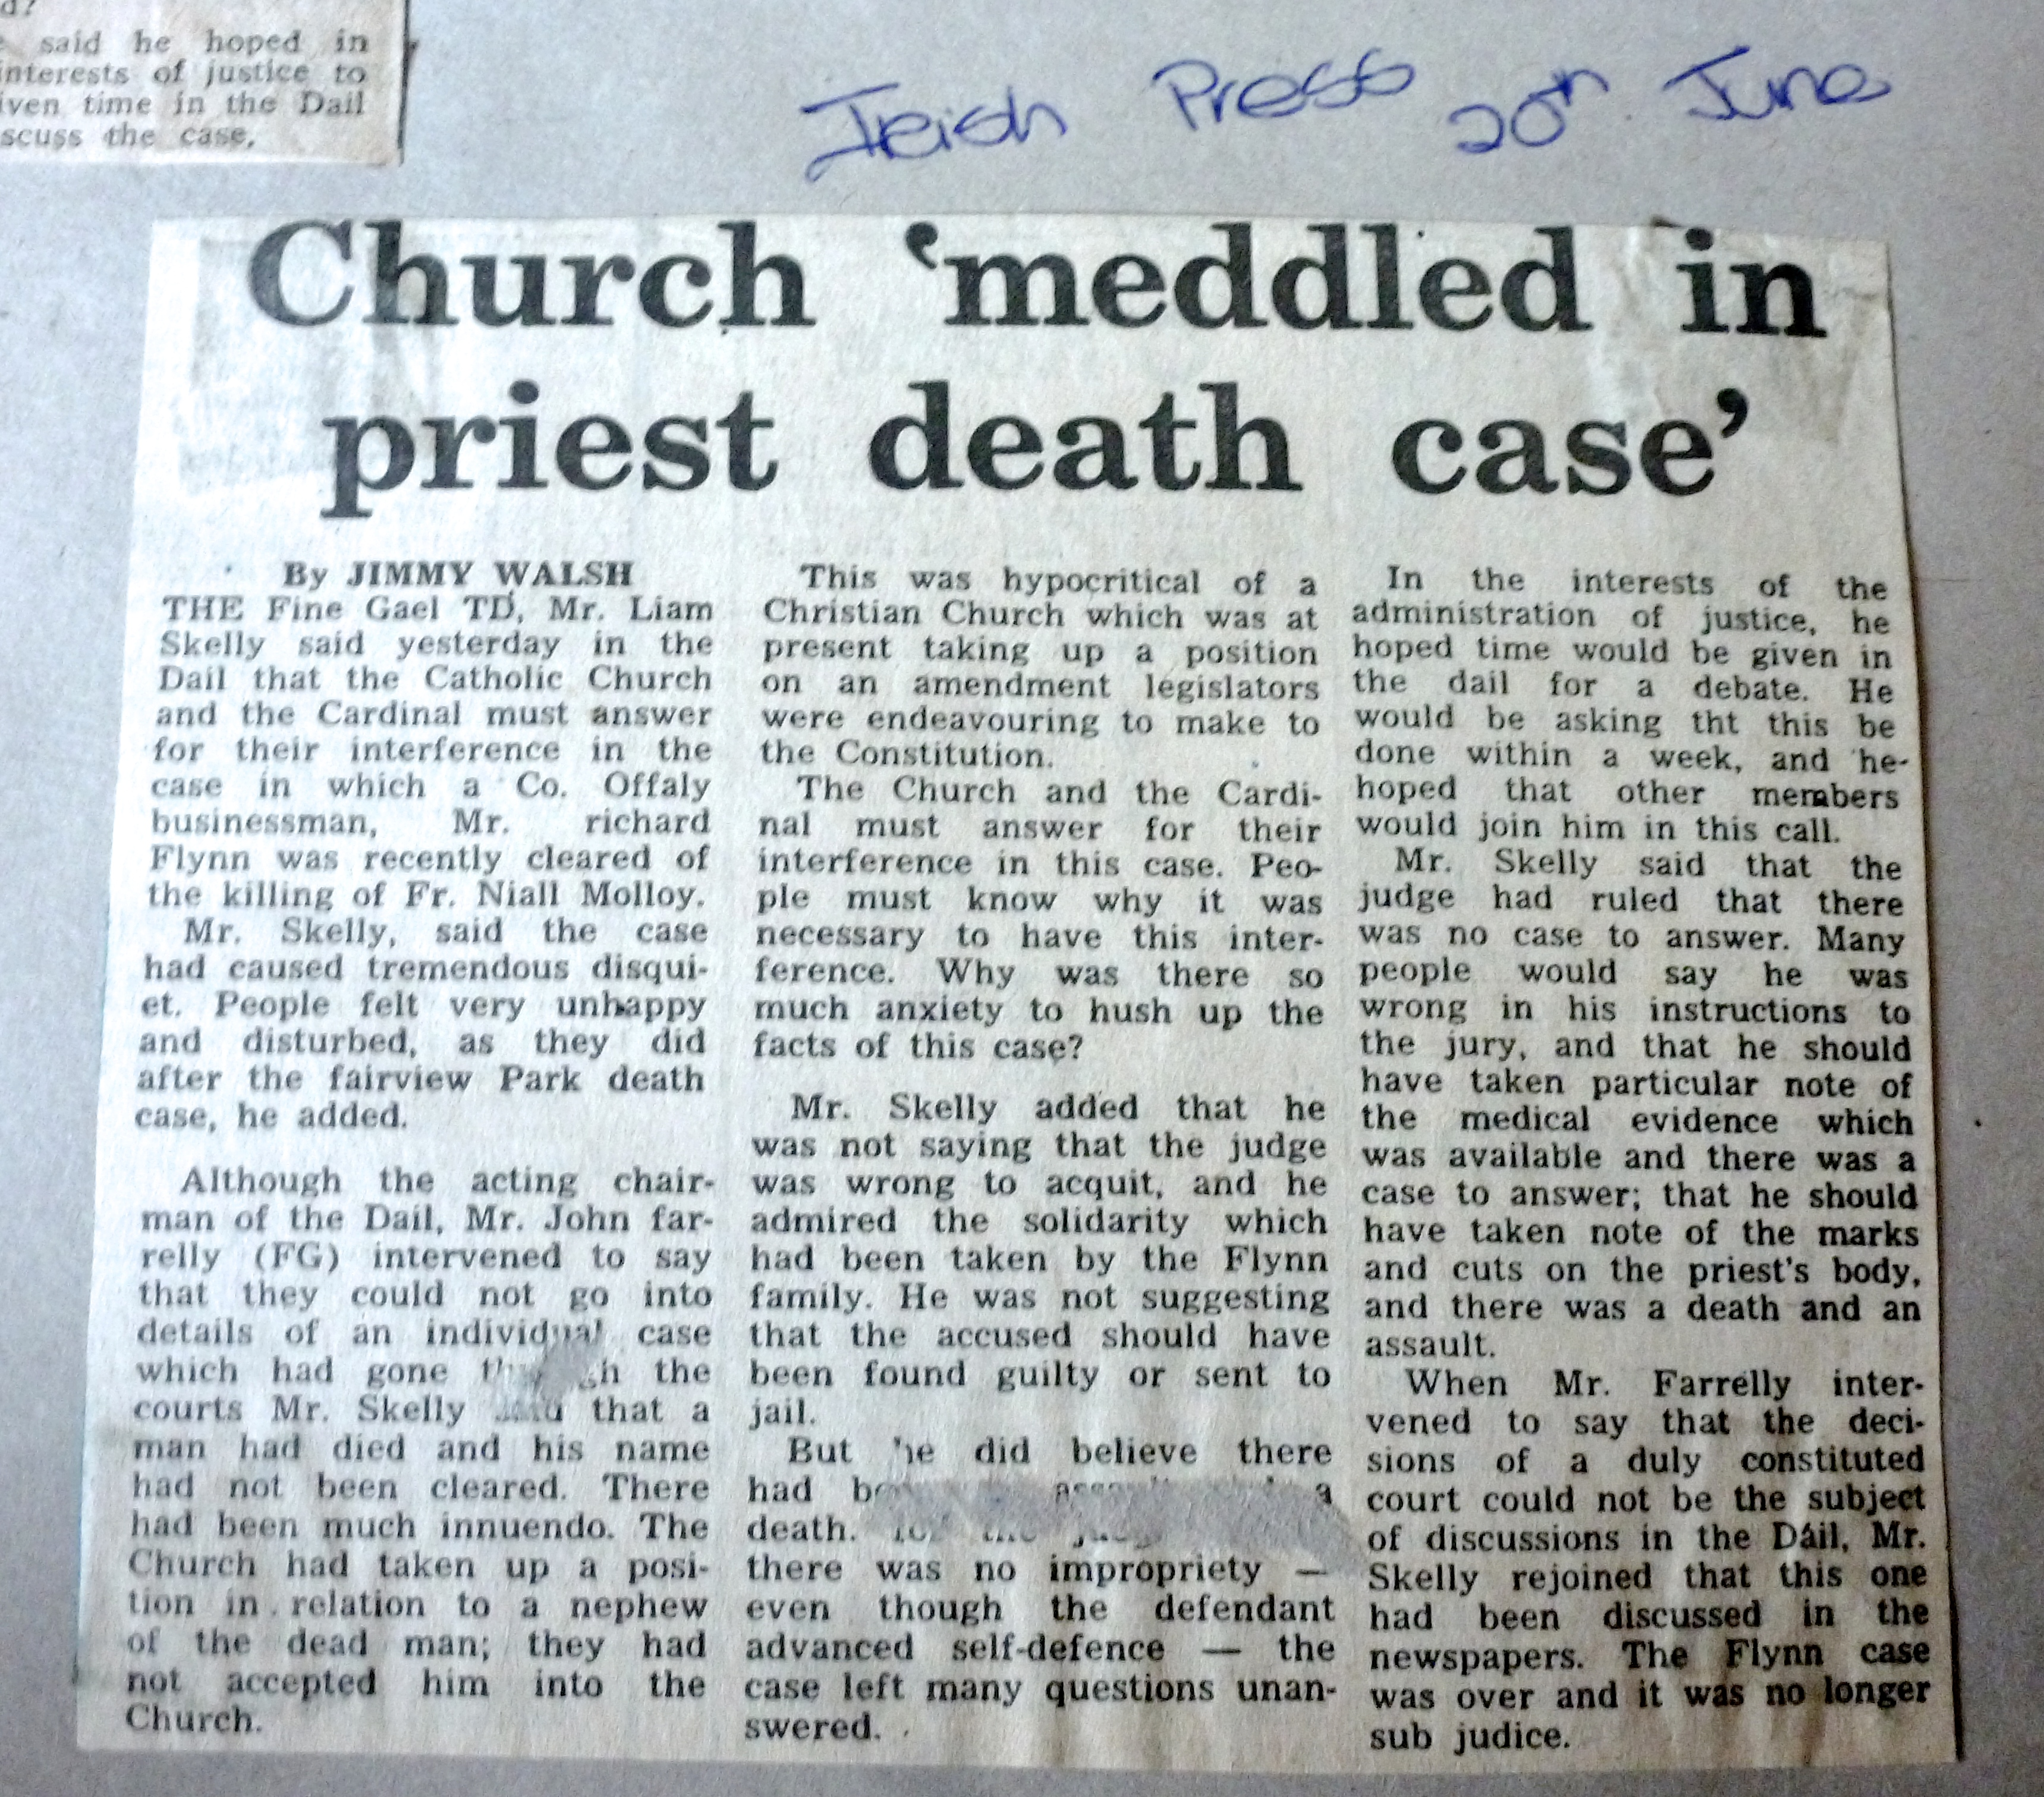 Irish Press 20th June